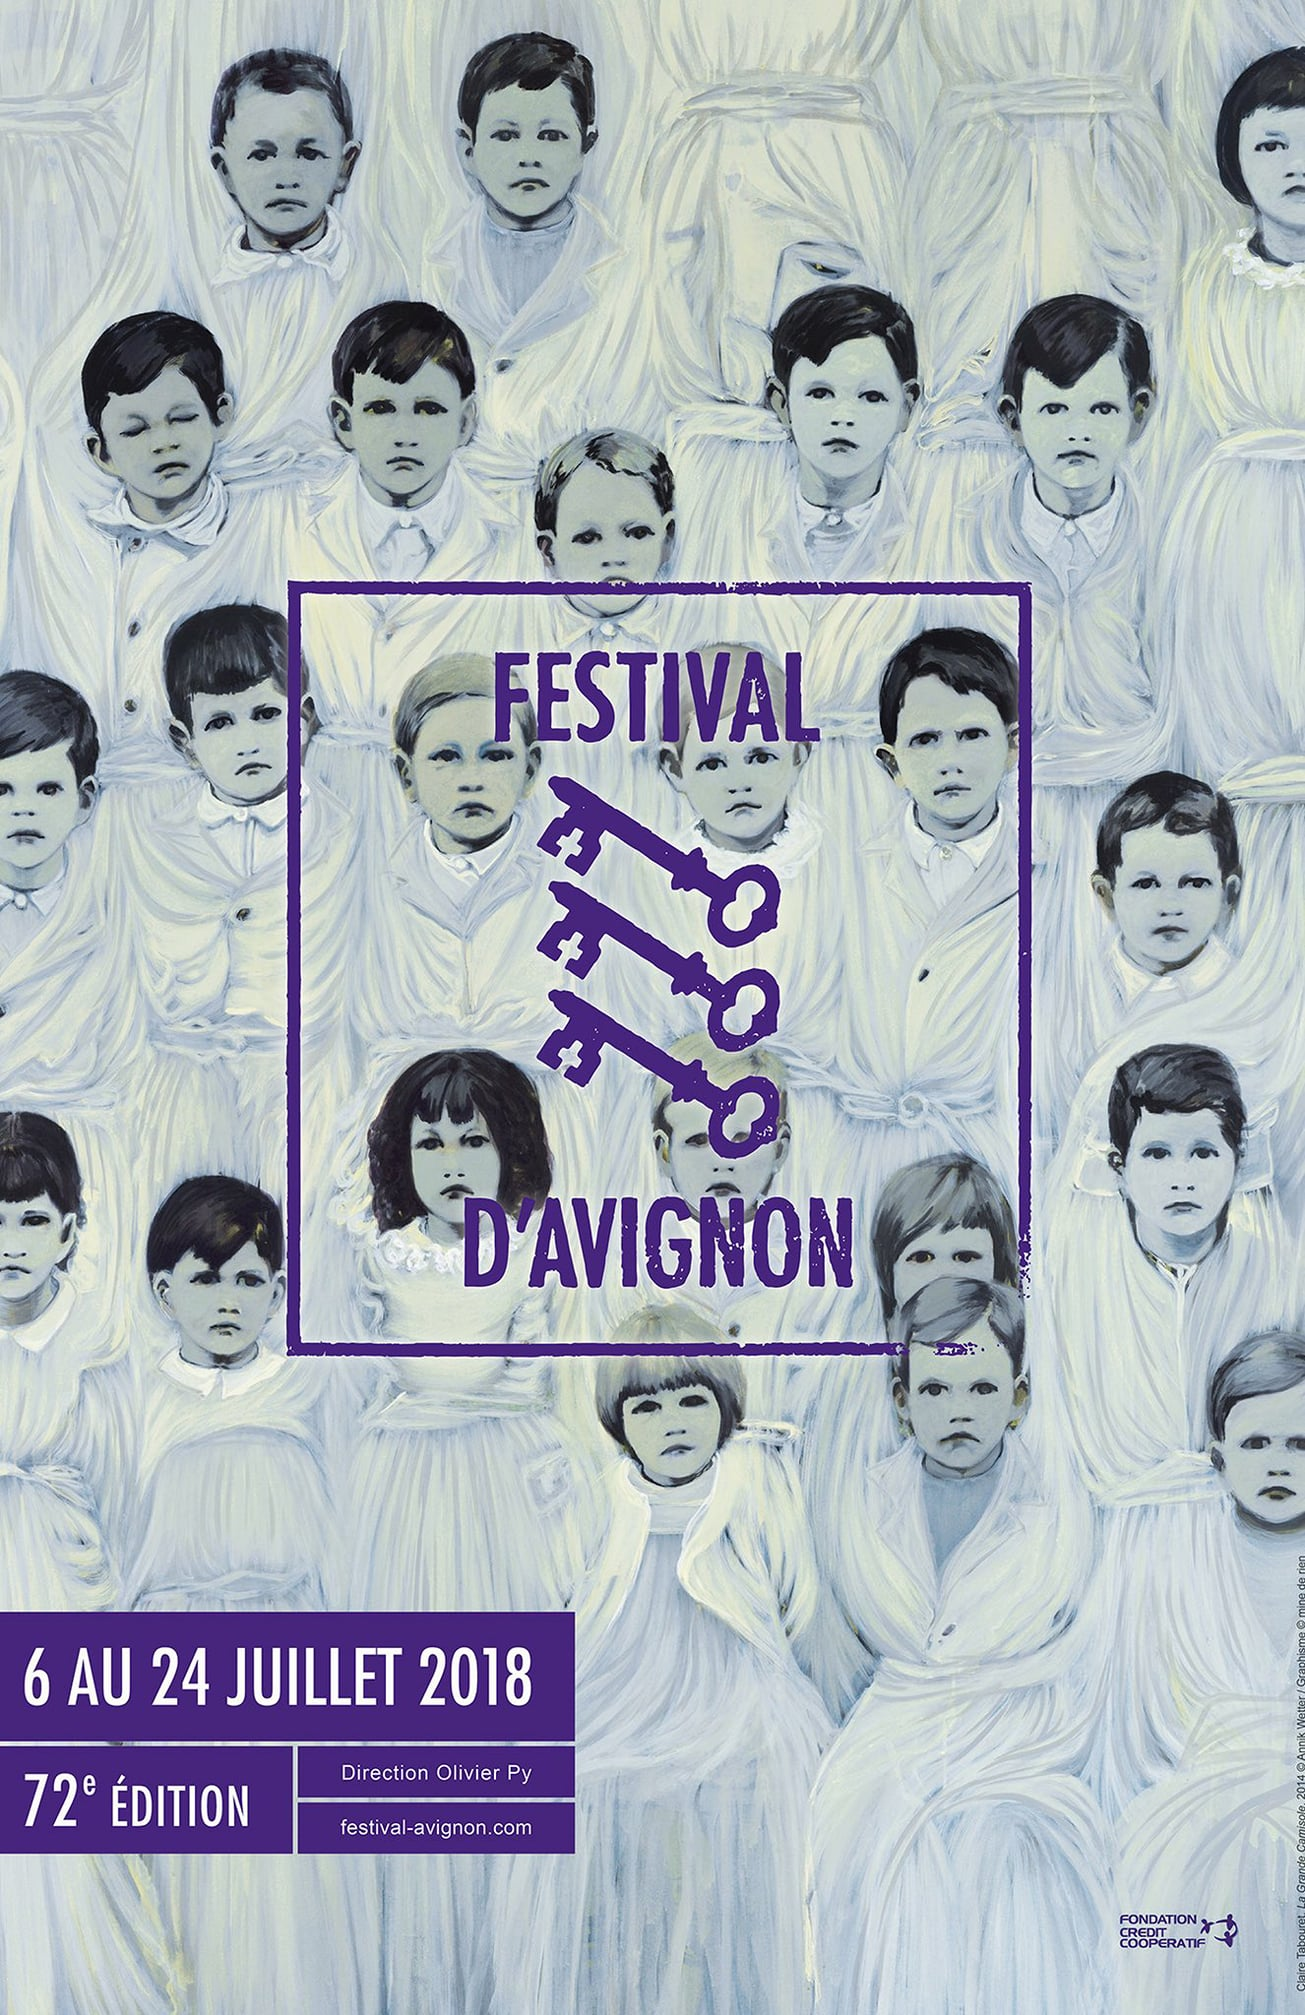 affiche festival avignon 2018